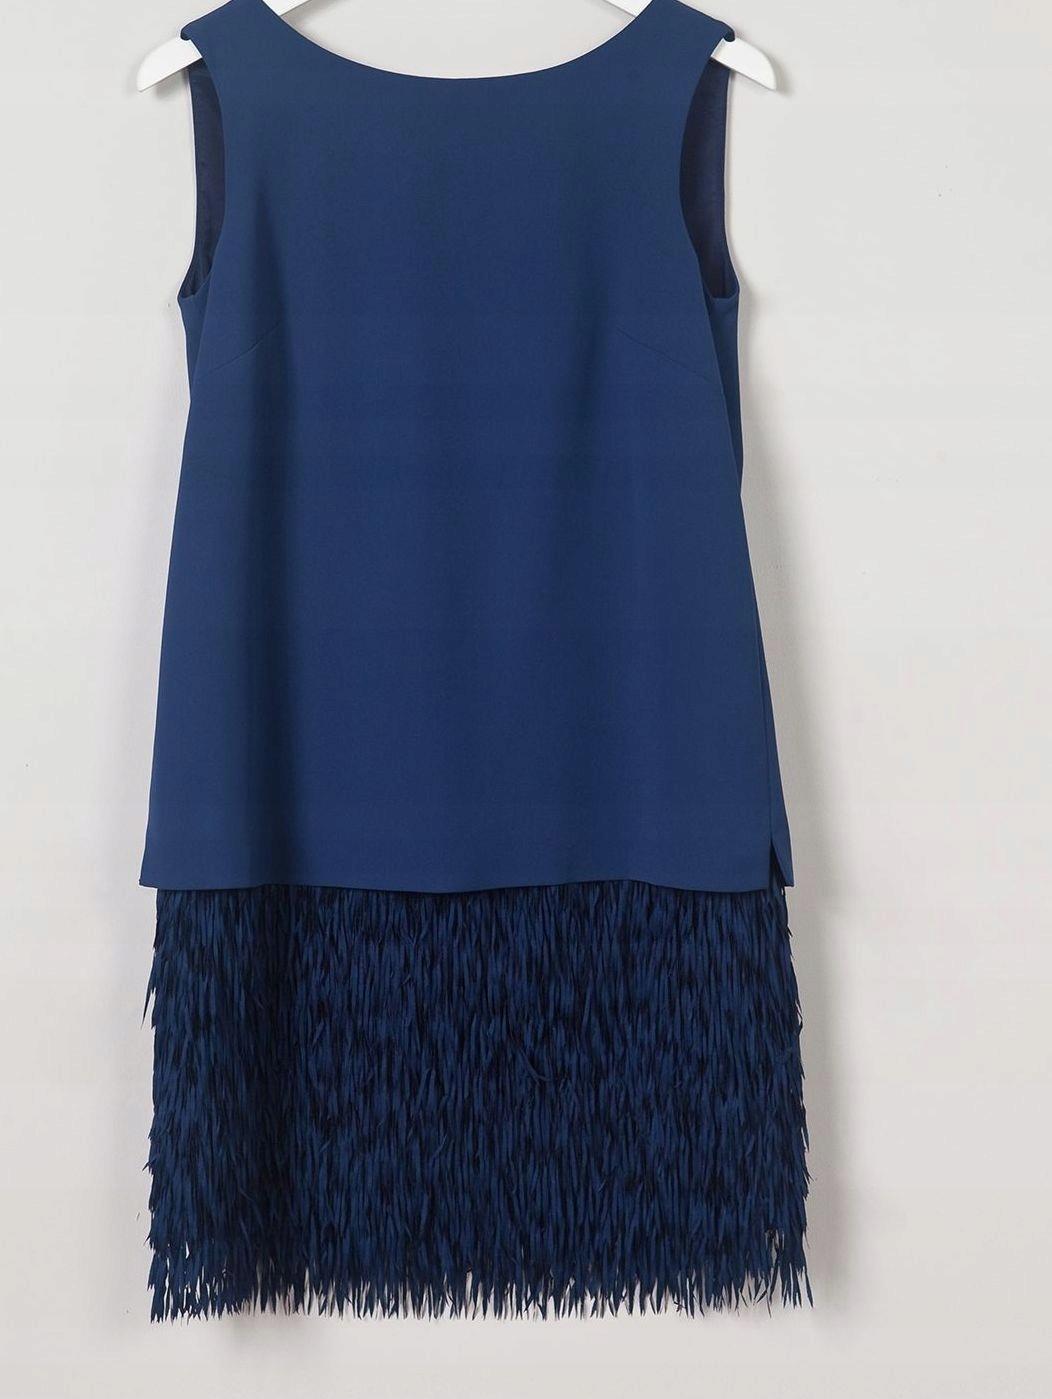 0f6a4cb7 Sukienka Solar r. 36 nowa kolekcja jesień 2018 - 7487856668 ...